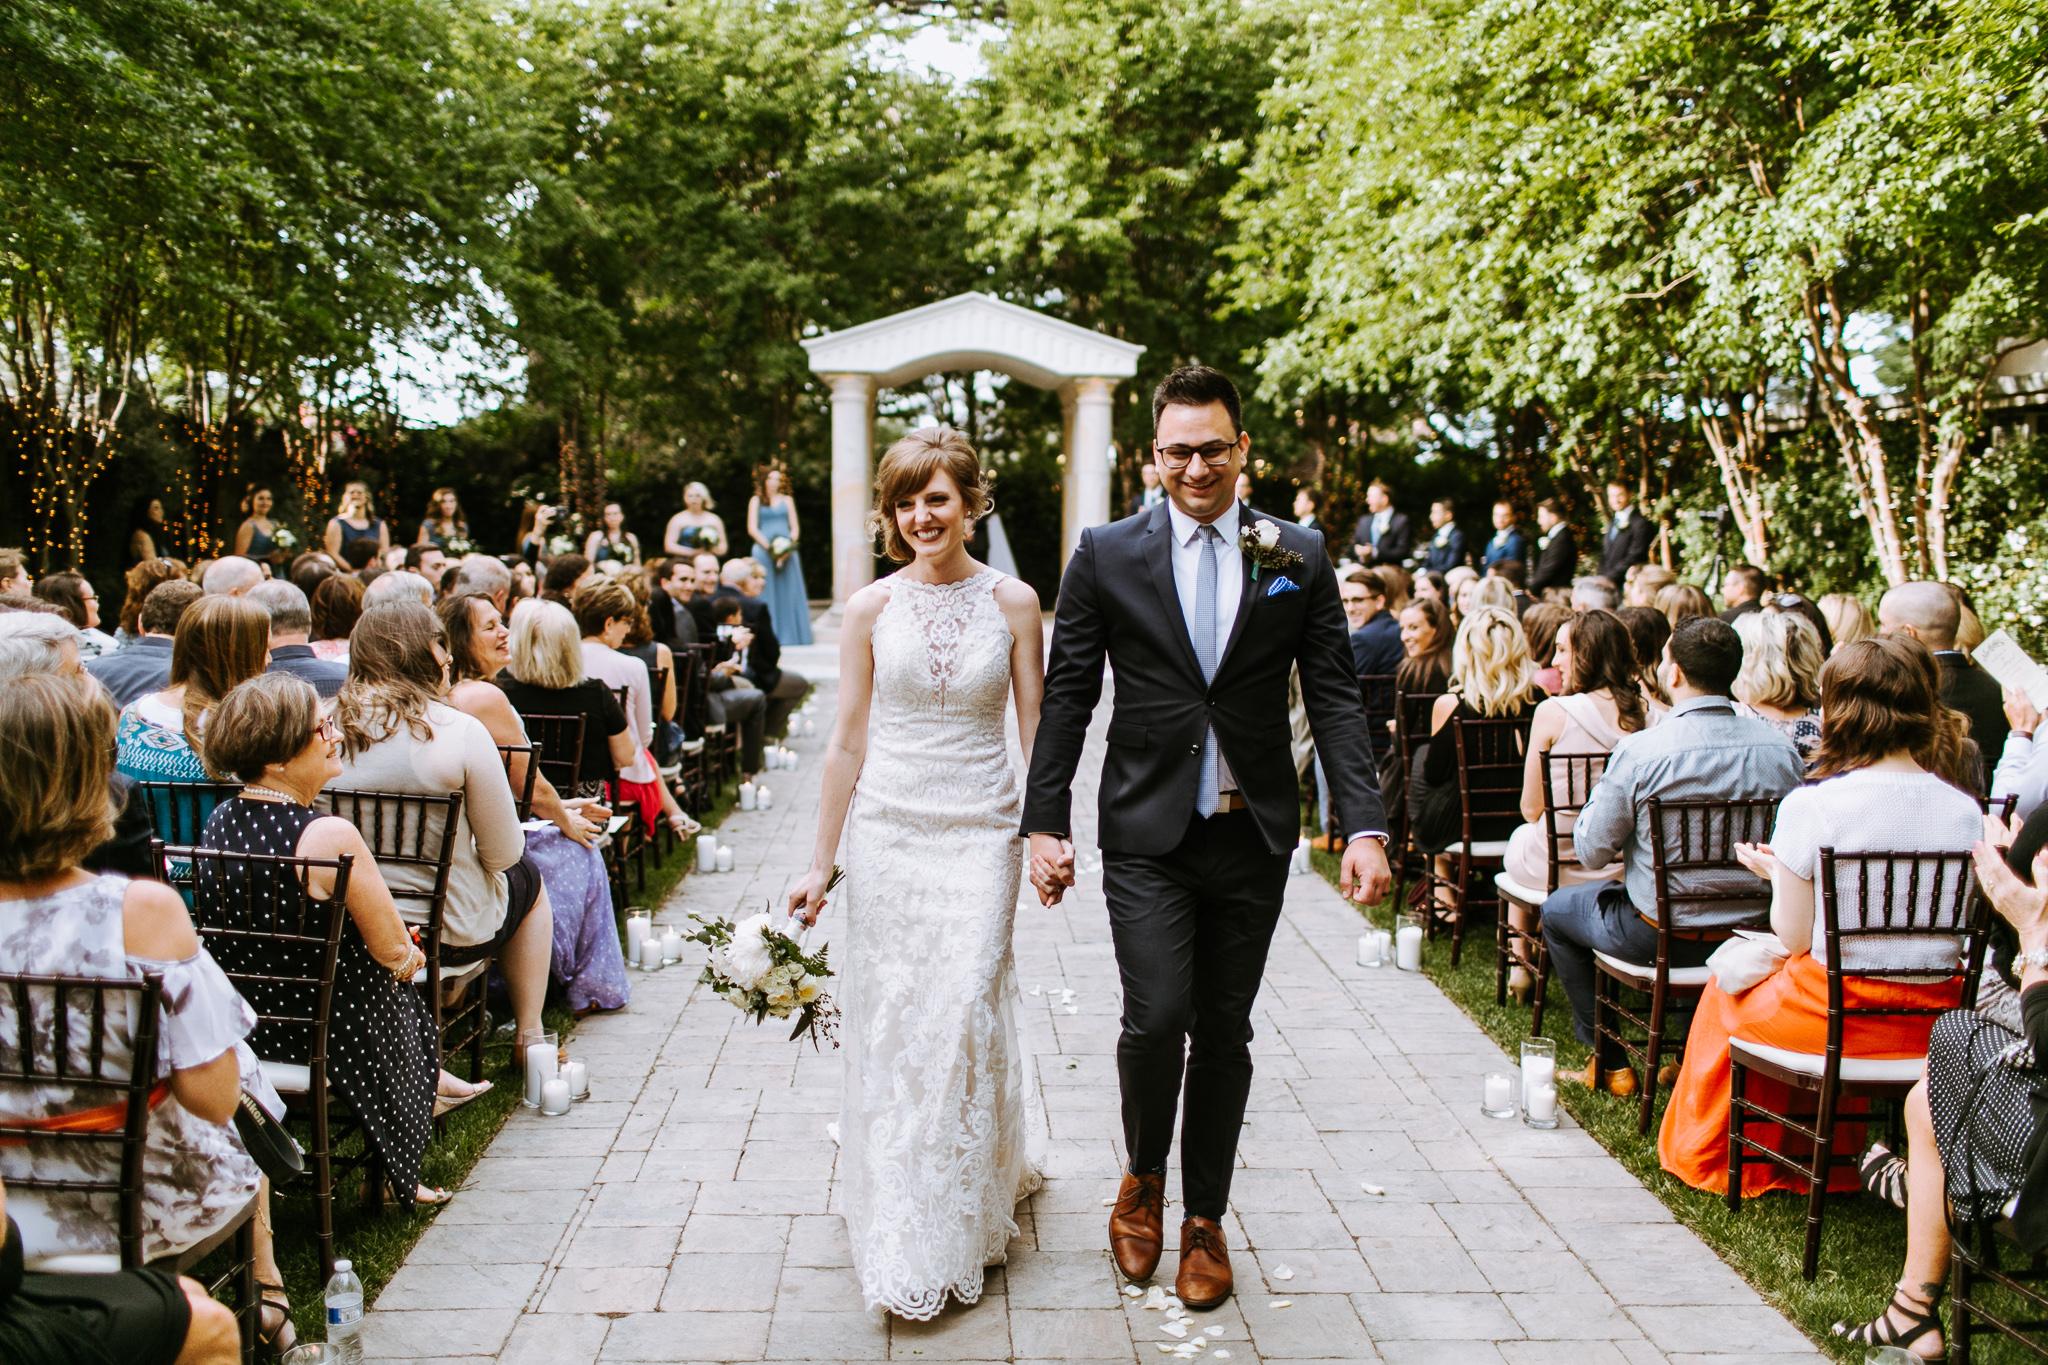 BayArea-Wedding-Photographer-48.jpg